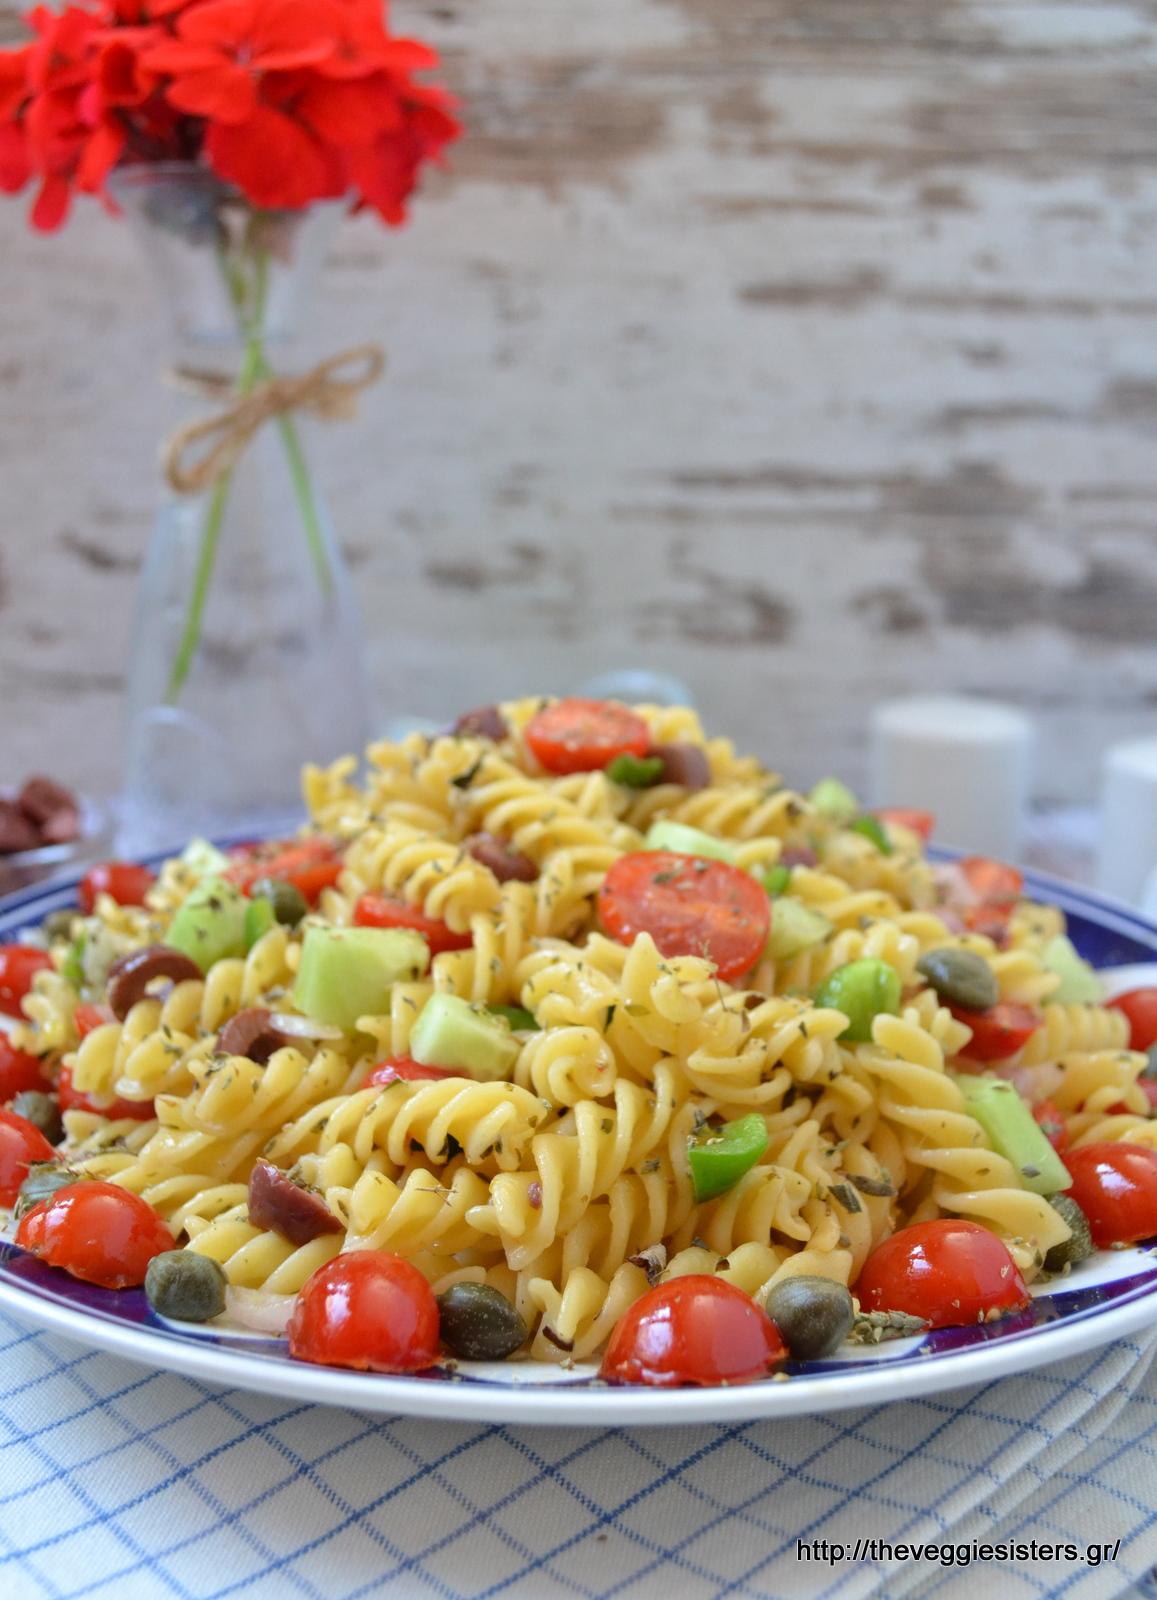 Χωριάτικη σαλάτα ζυμαρικών - Greek pasta salad